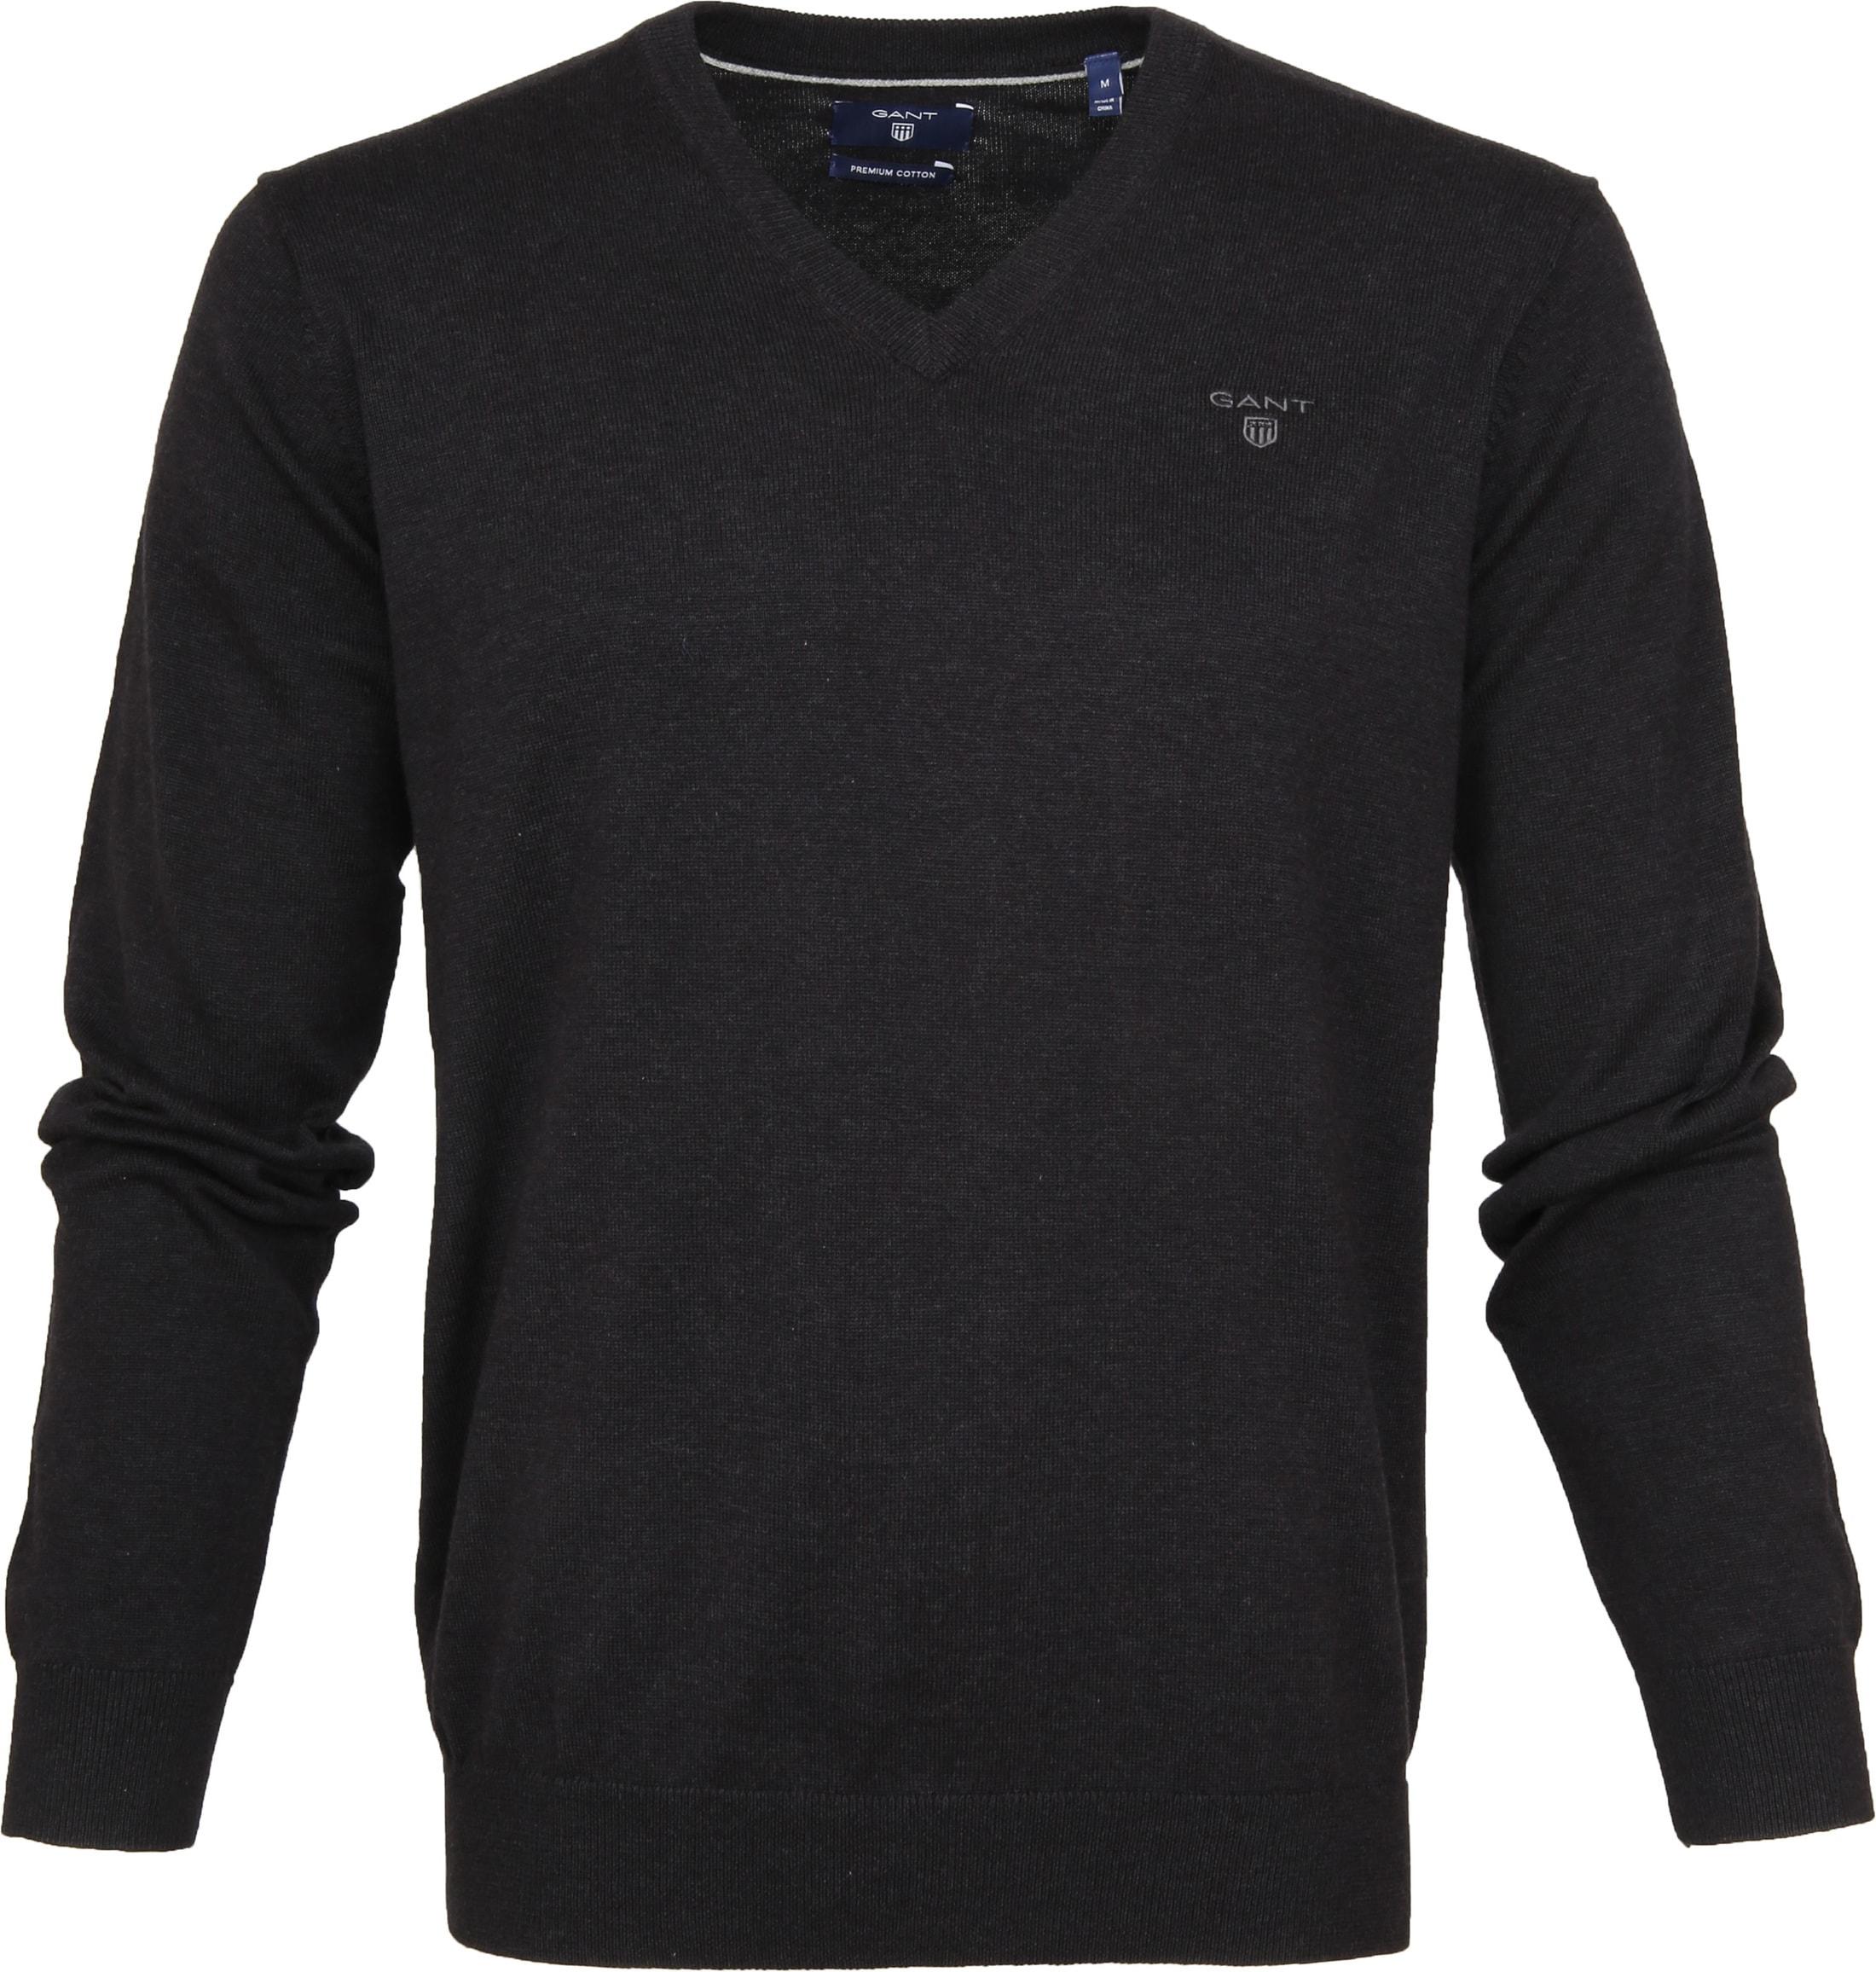 Gant Pullover Premium V-Hals Antraciet foto 0